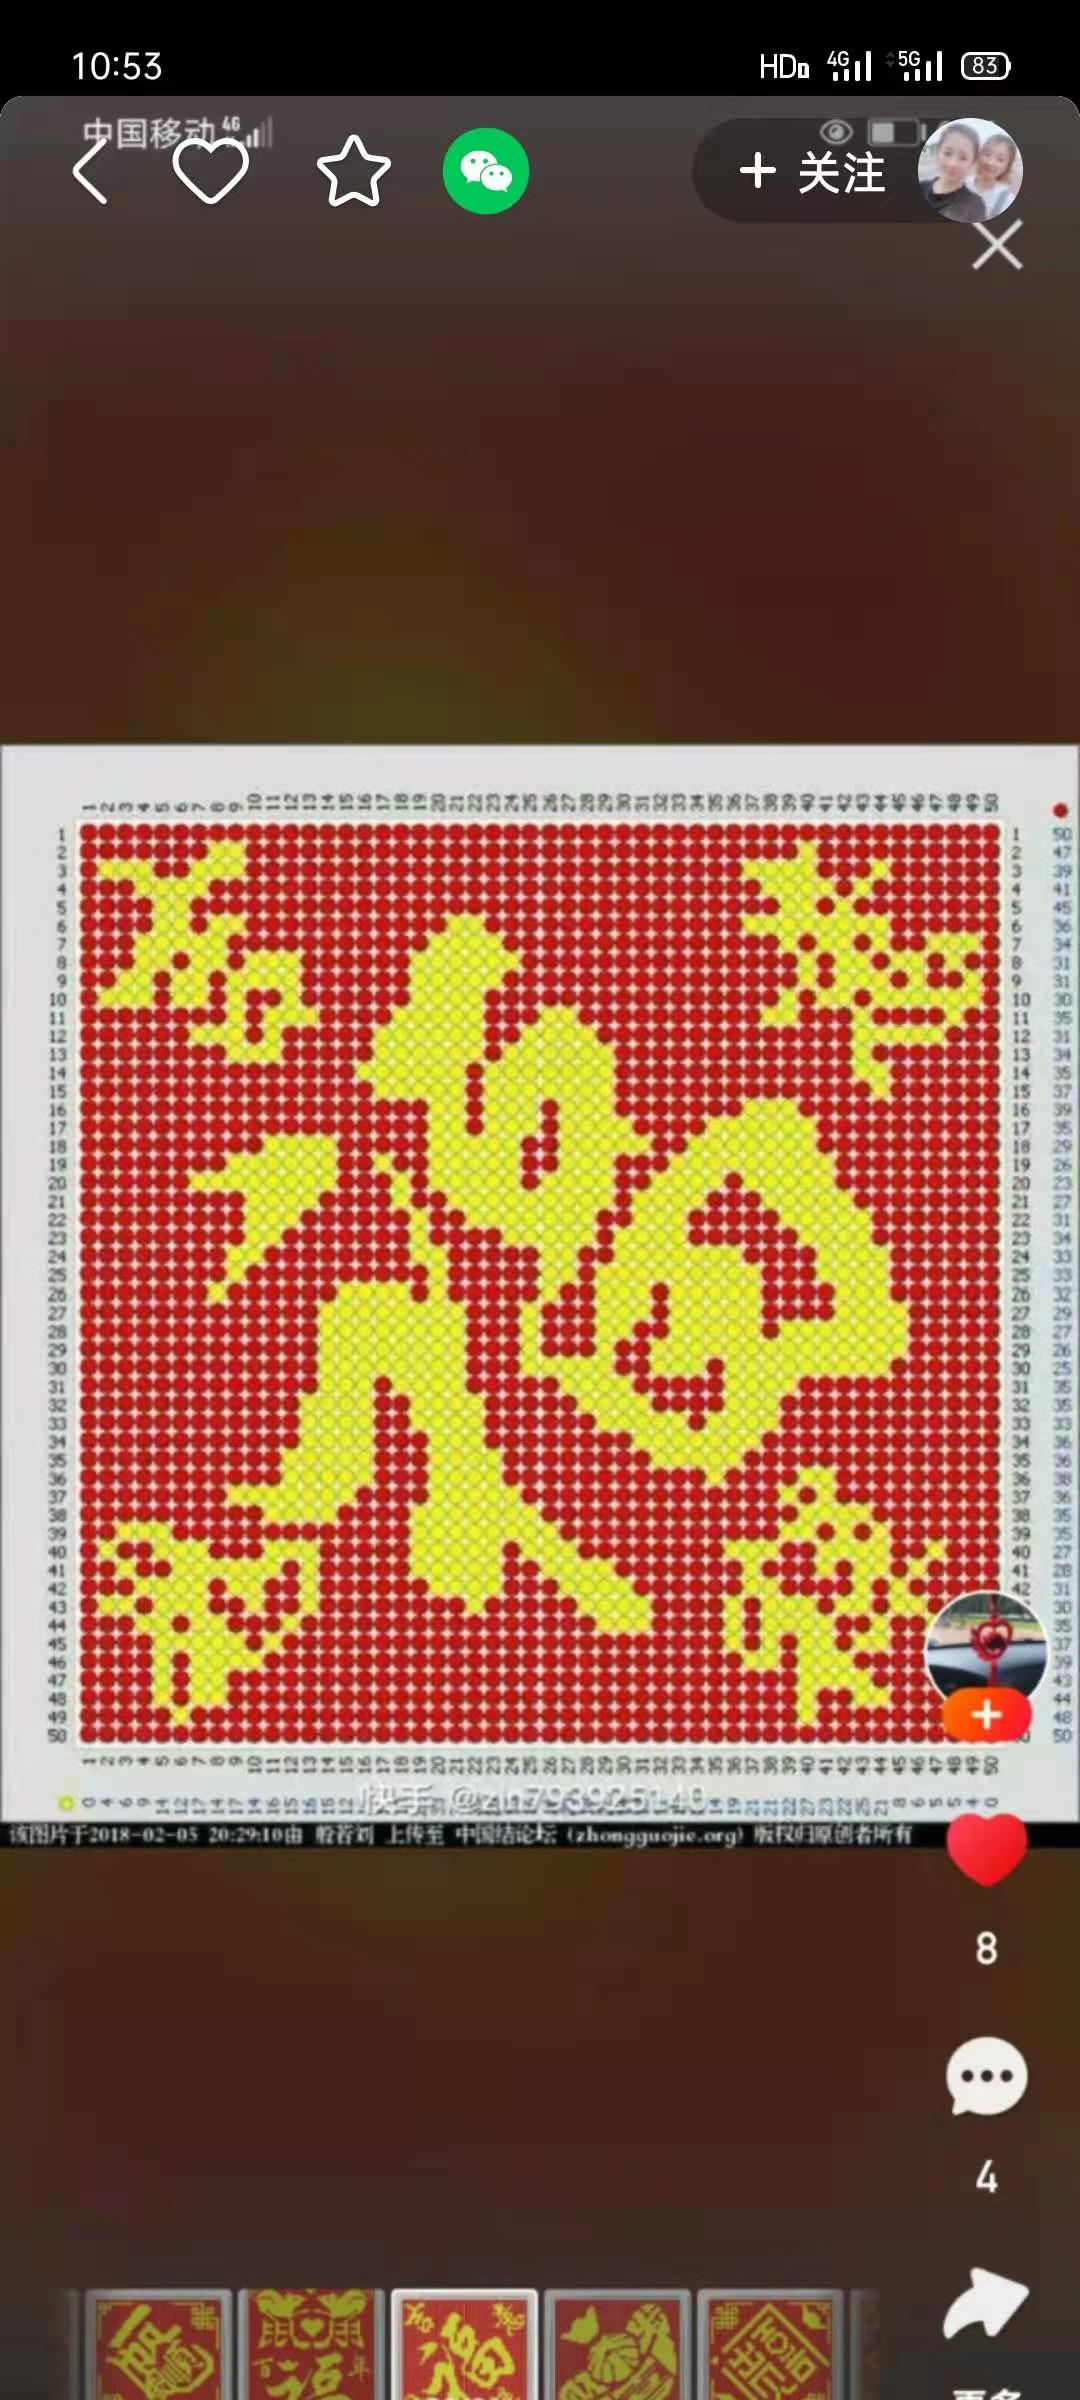 中国结论坛 这个字帖要多少线 普通练字字帖多少钱,硬笔字帖,一本练字帖需要多少钱,钢笔字帖多少钱,代写字帖多少钱 结艺互助区 191115wif335755n3v34i3